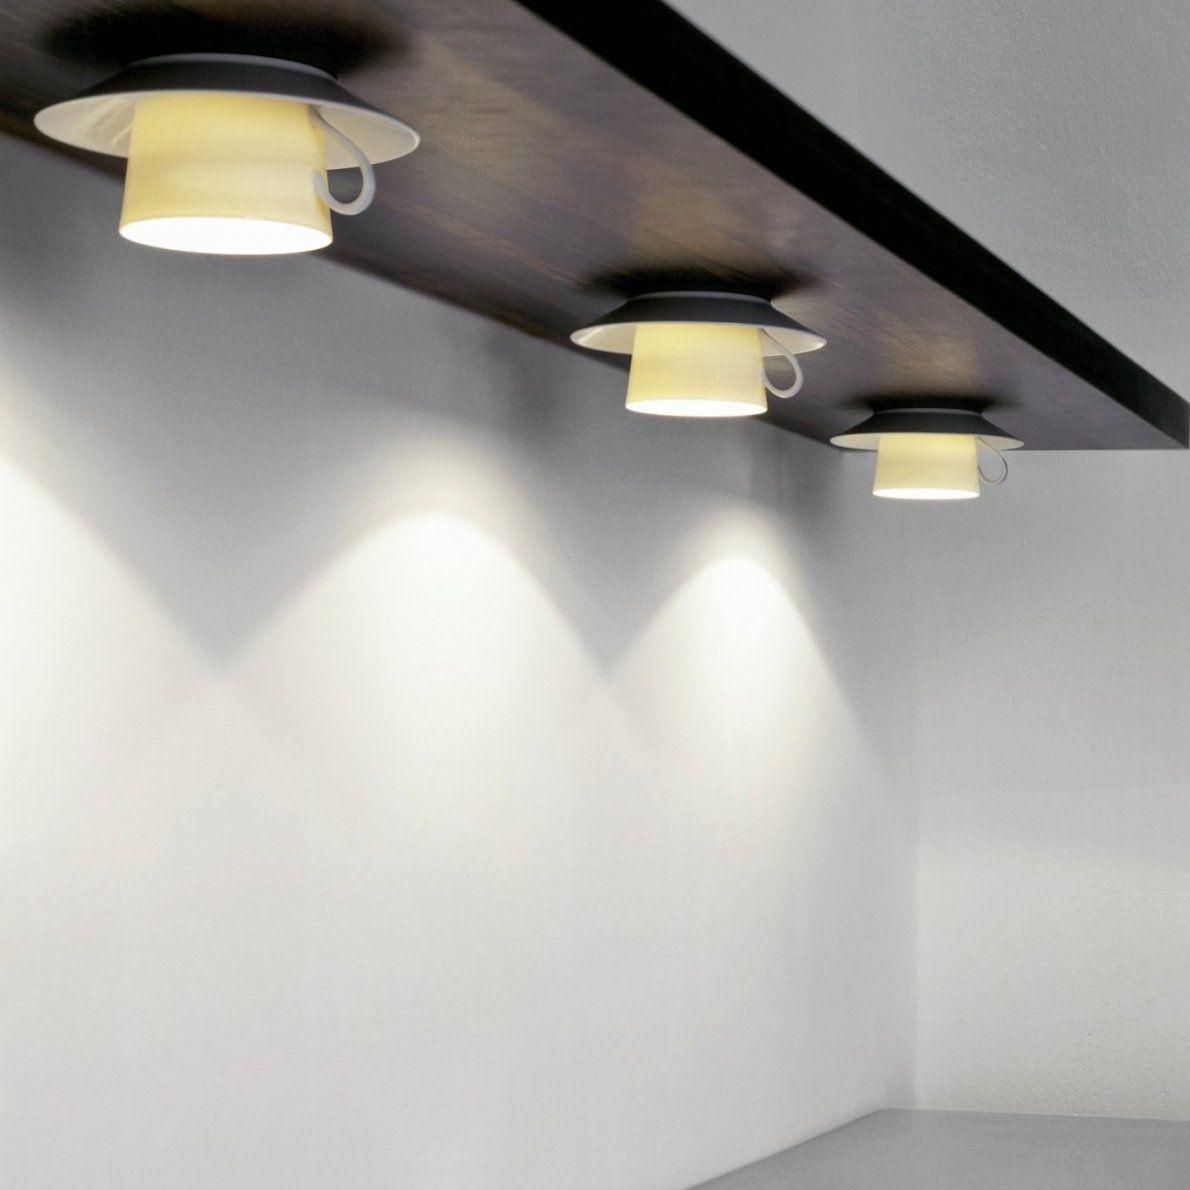 Led Unterschrank Beleuchtung Schön Schöne Küchen Farben Best Led Tv von Led Beleuchtung Küche Unterschrank Photo